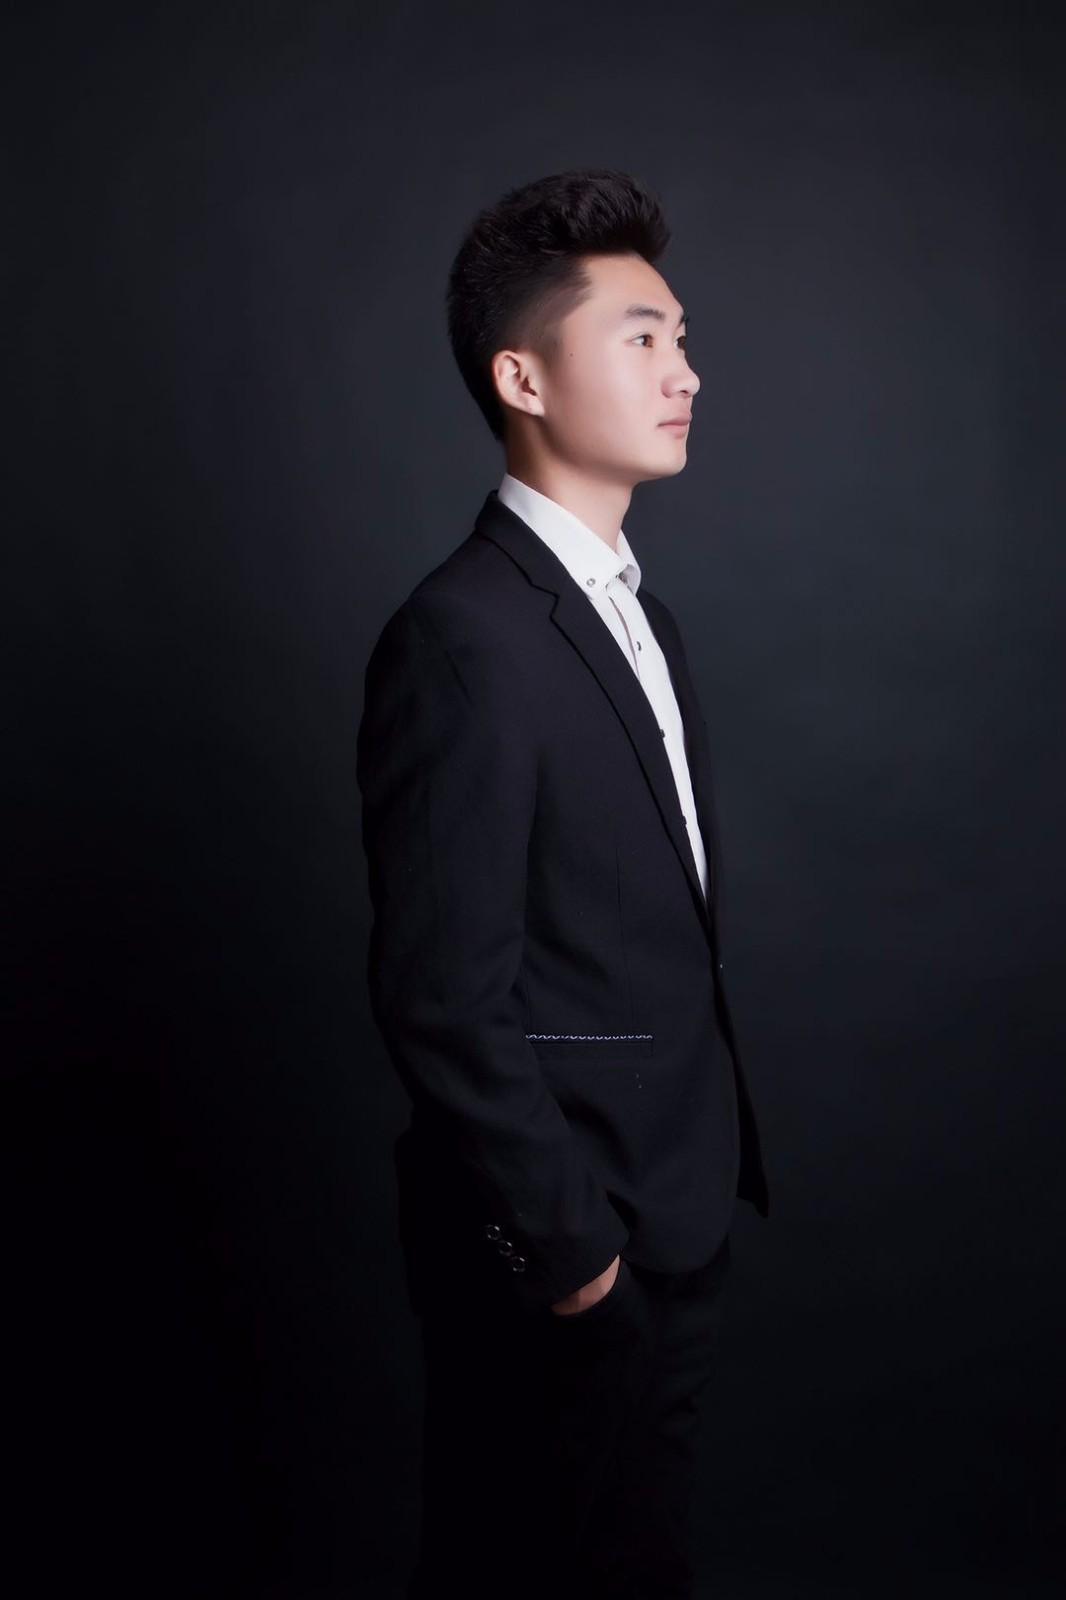 南昌市匠巢设计装饰有限公司-彭春旺